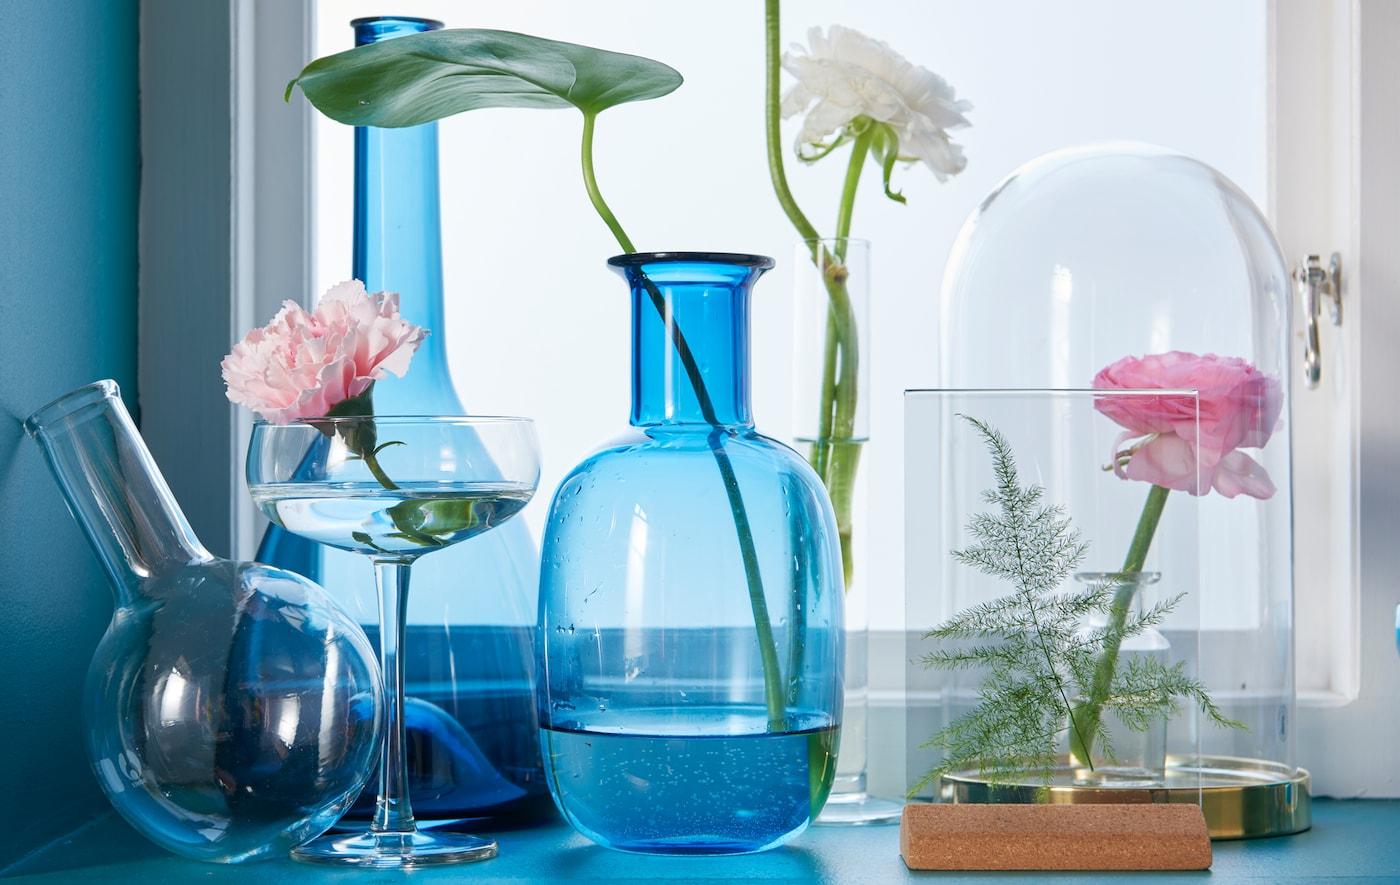 Diverse transparante blauwe vazen in verschillende vormen en een IKEA BEGÅVNING glazen stolp op een vensterbank.